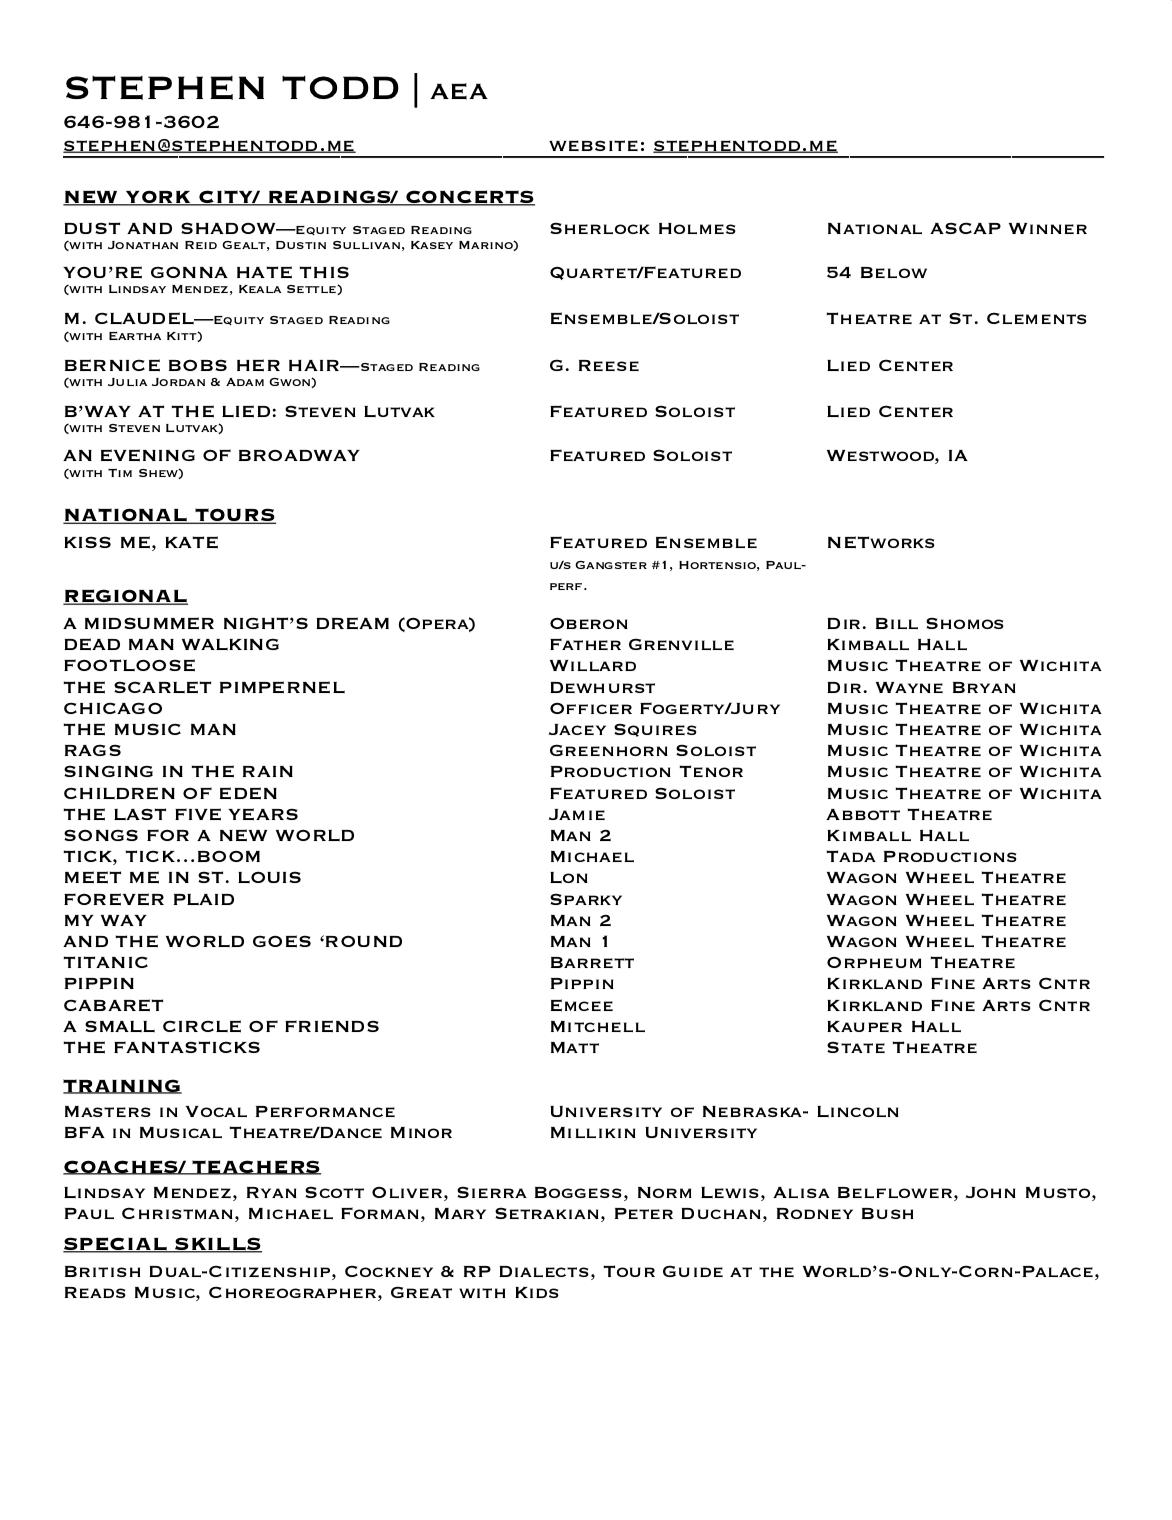 Tony Adjusted Resume Website